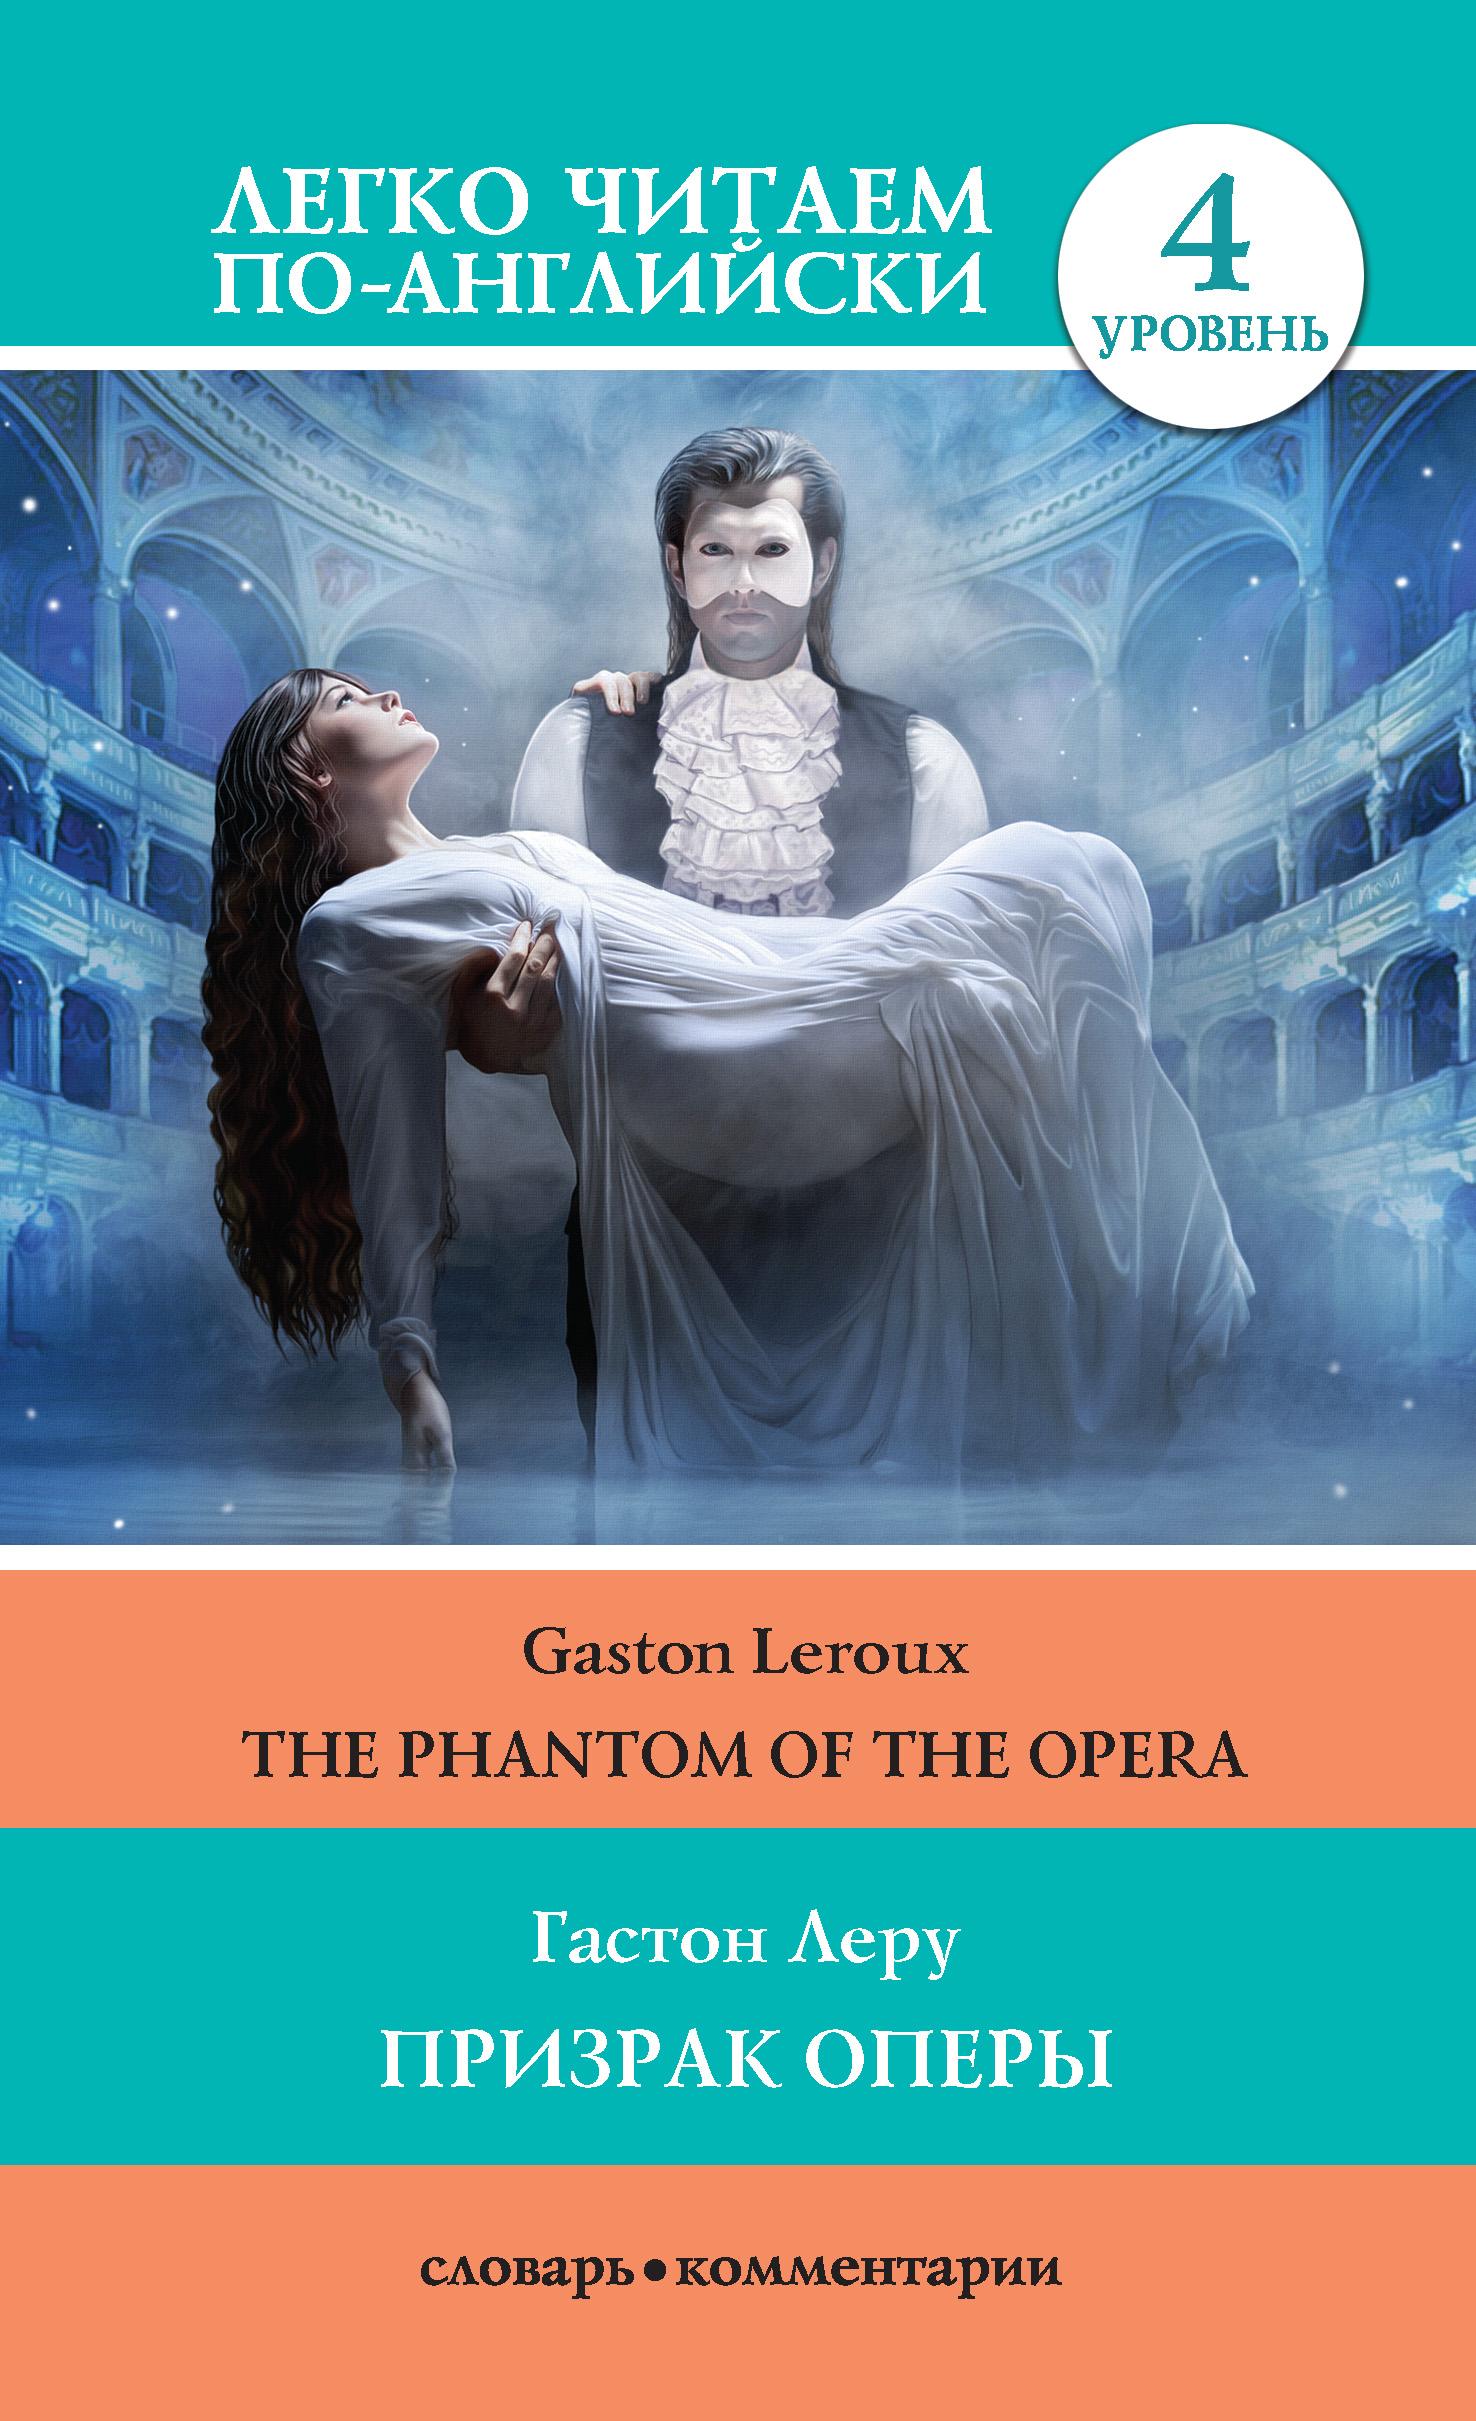 Гастон Леру Призрак оперы / The Phantom of the Opera